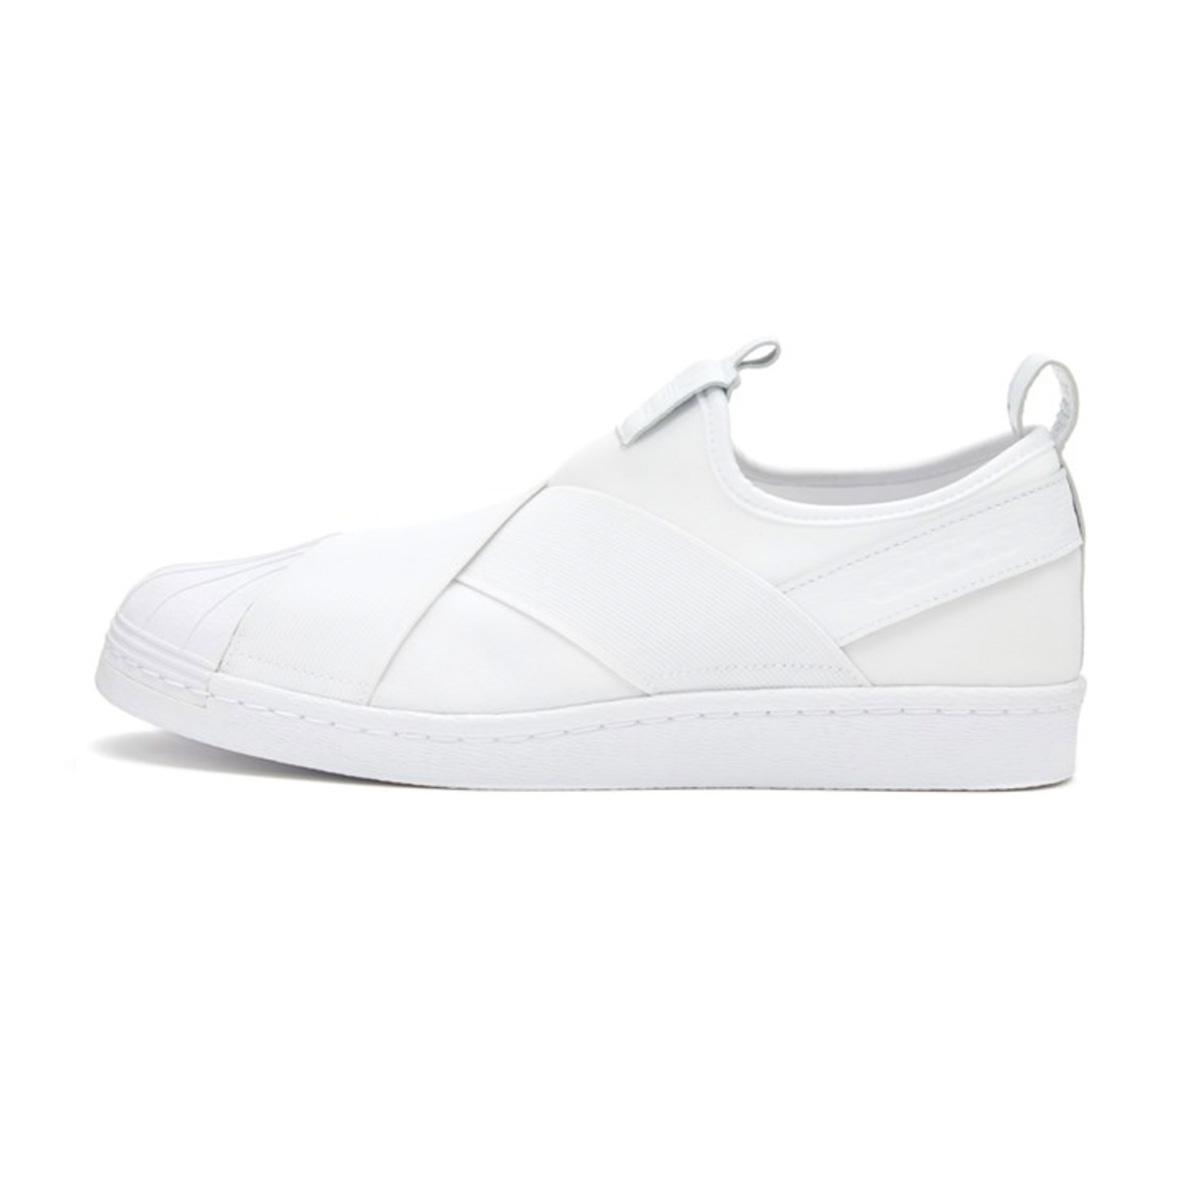 Adidas BZ0111 Superstar Slip on (White